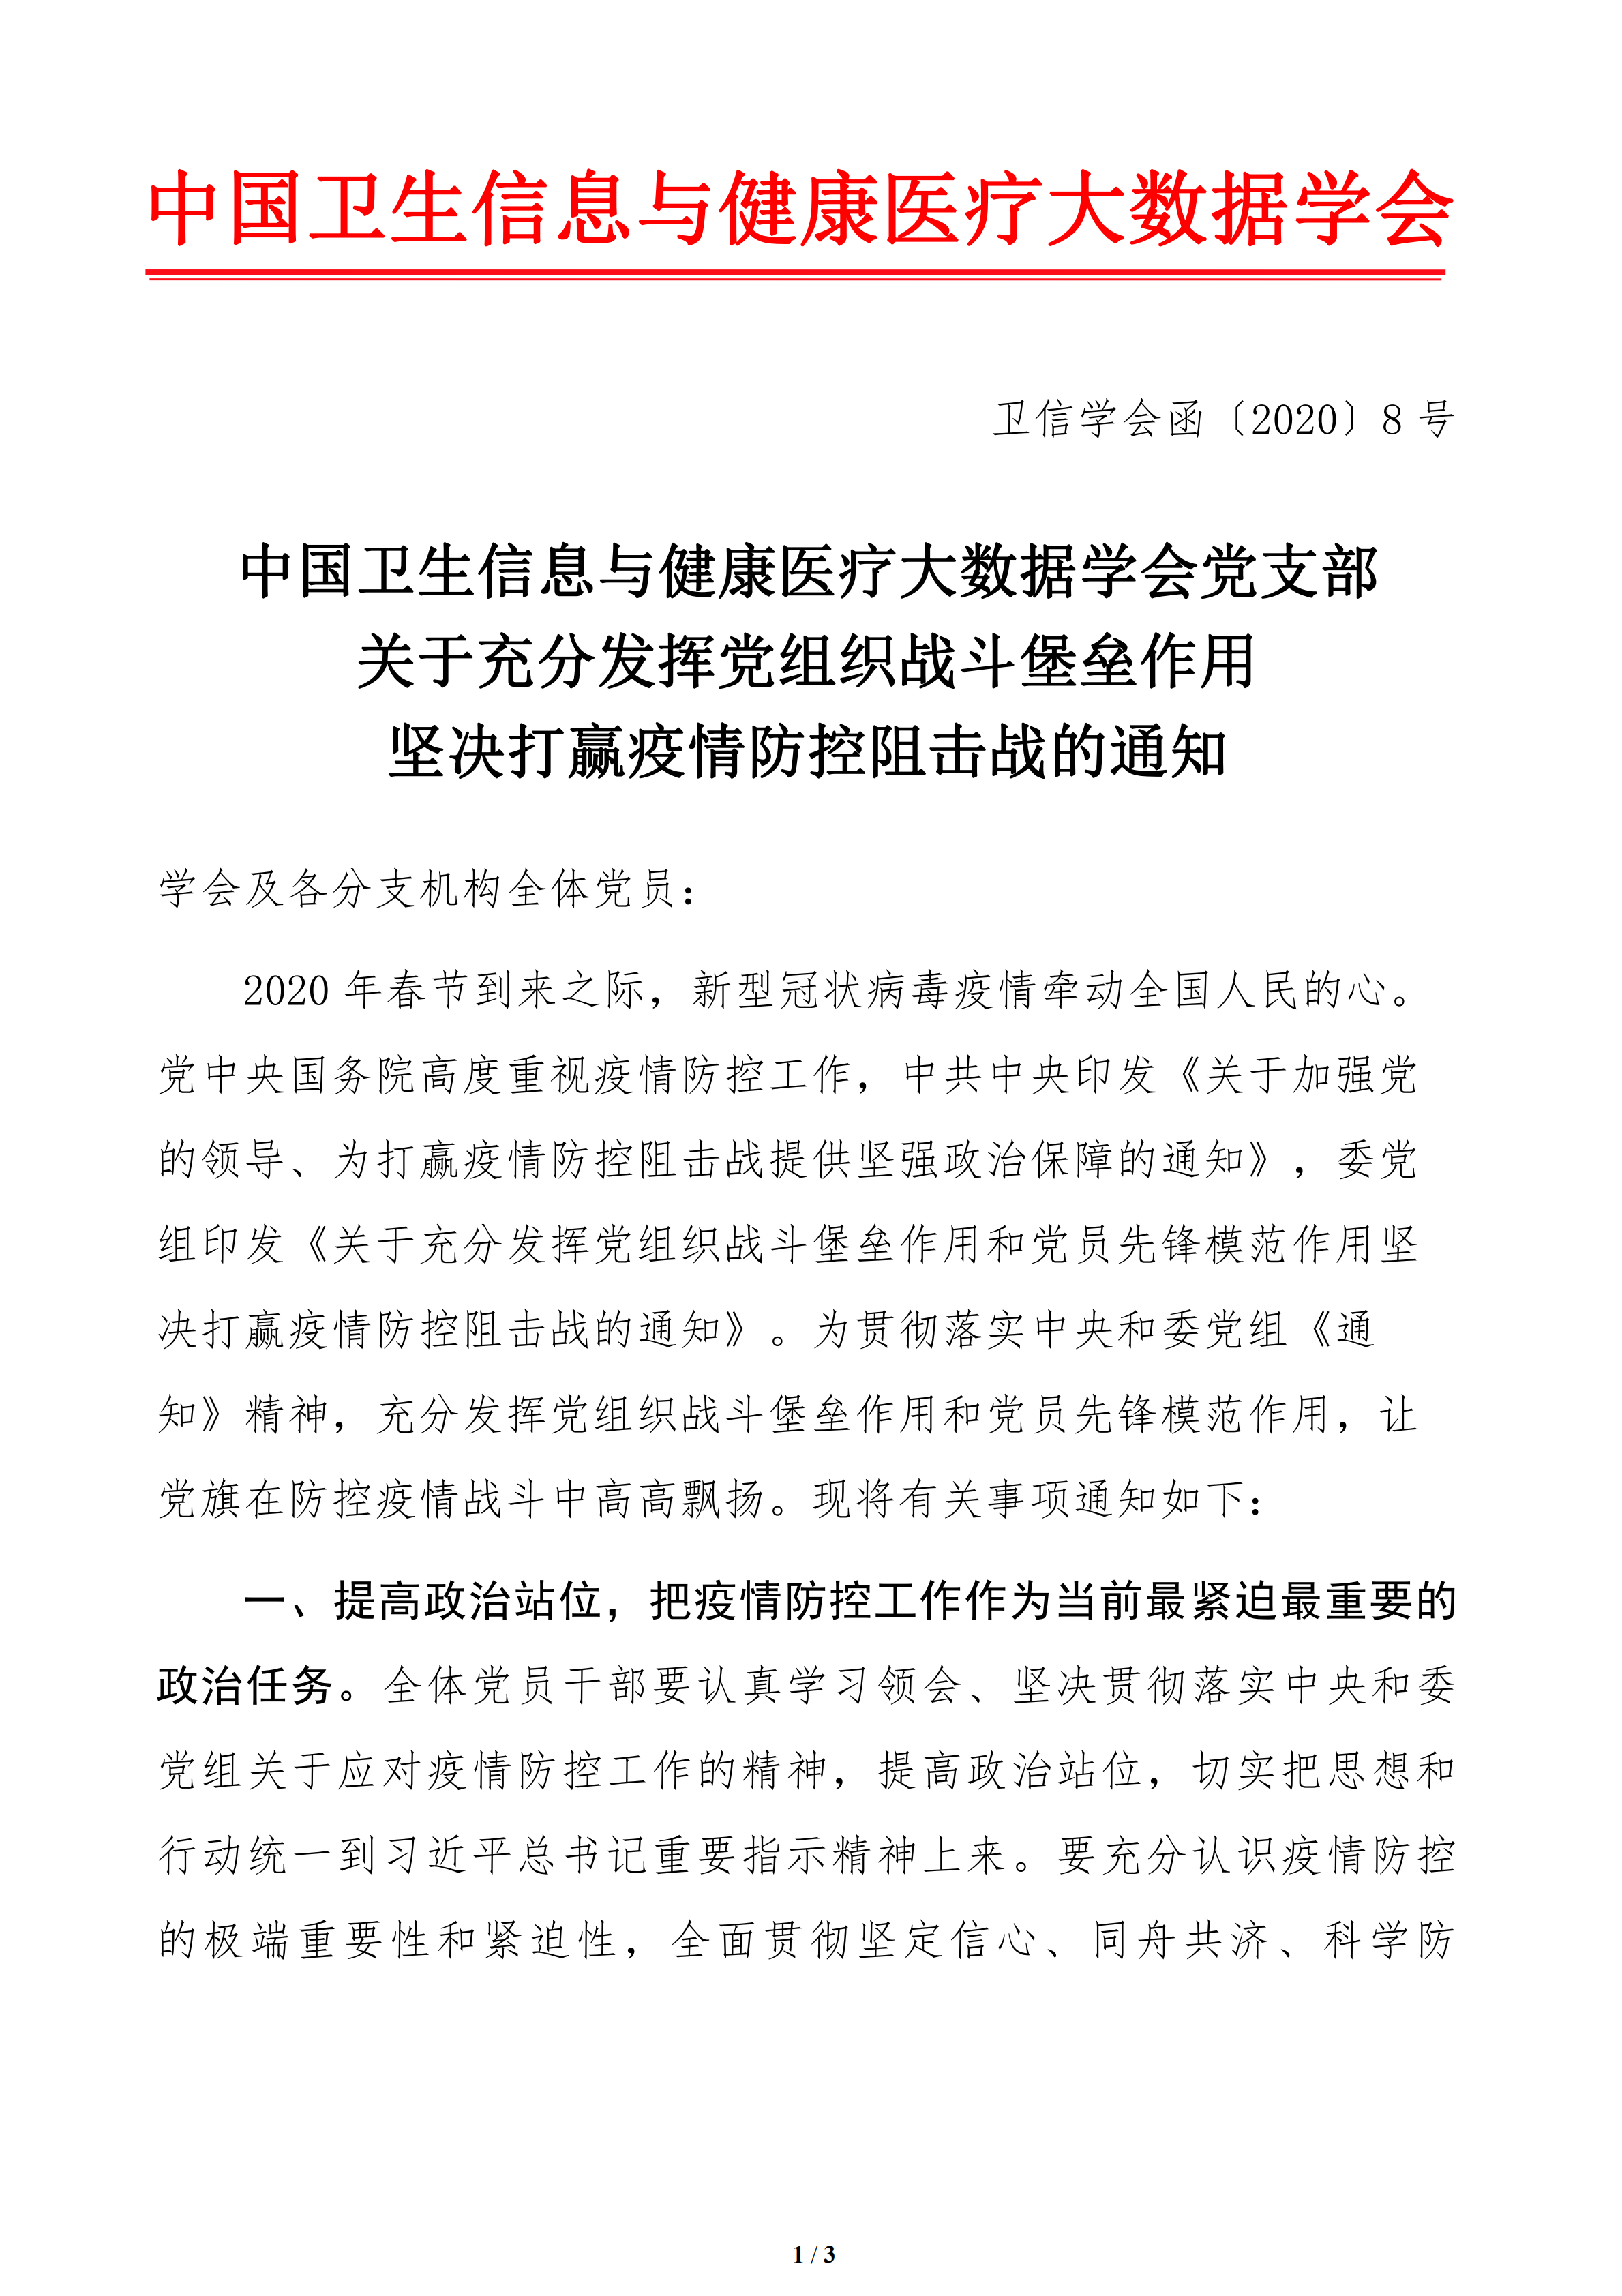 8号文-中国卫生信息与健康医疗大数据学会党支部_00.png